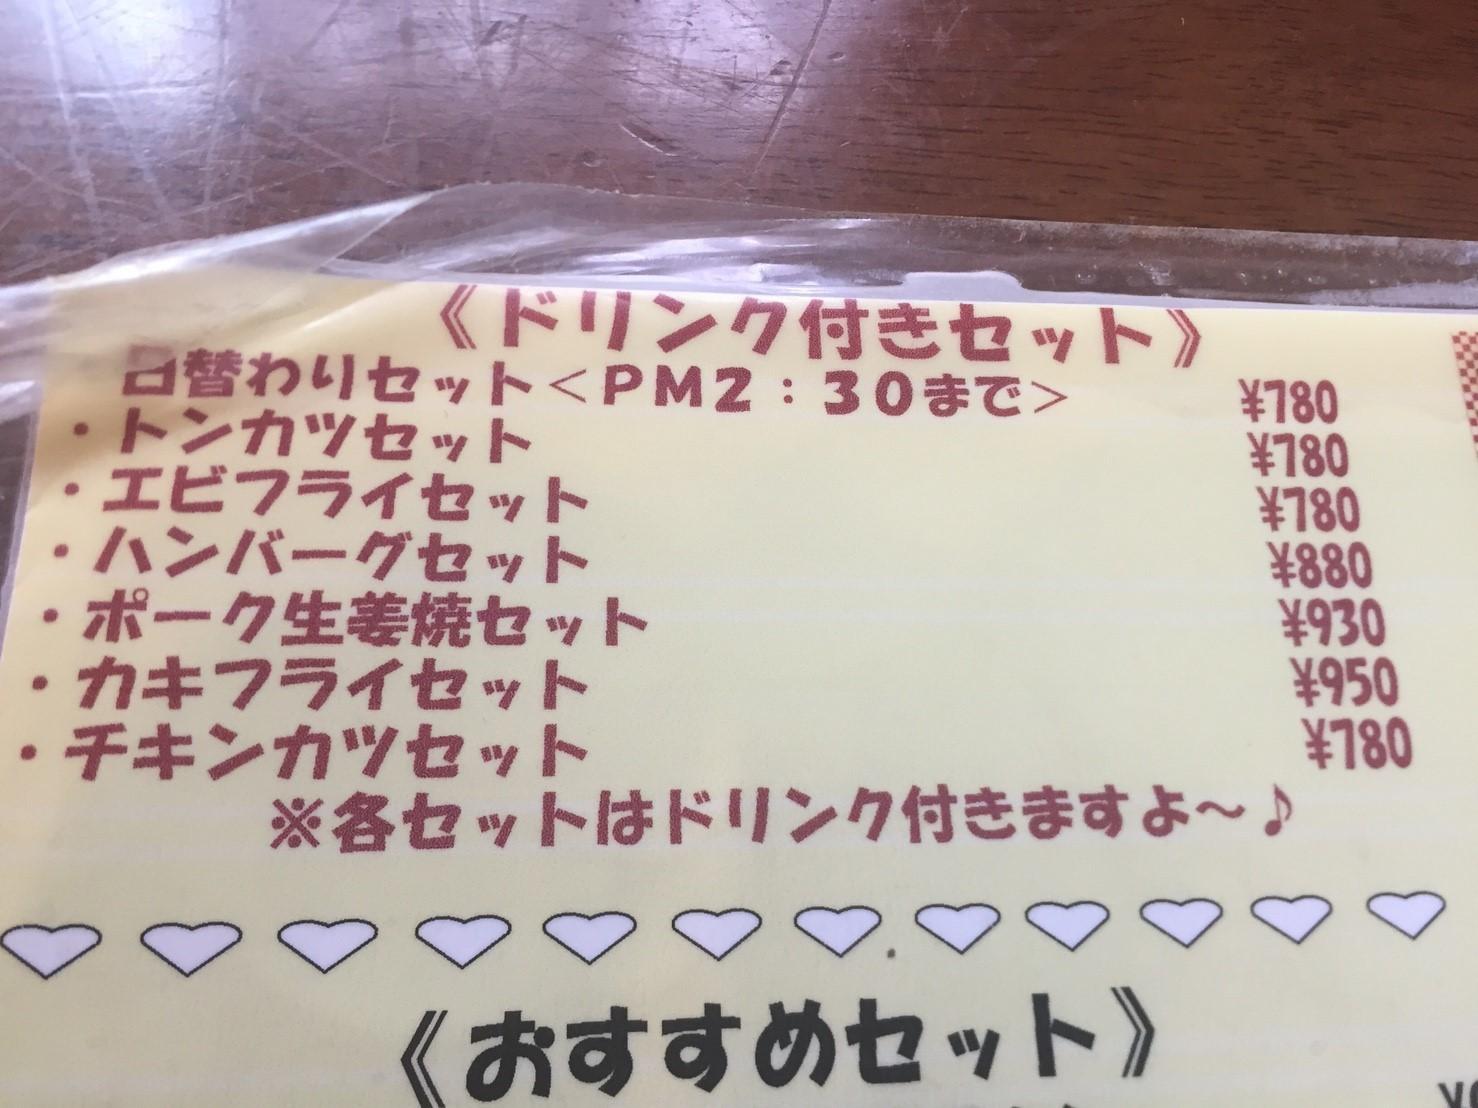 レストラン  べるしい  FINAL_e0115904_00312422.jpg